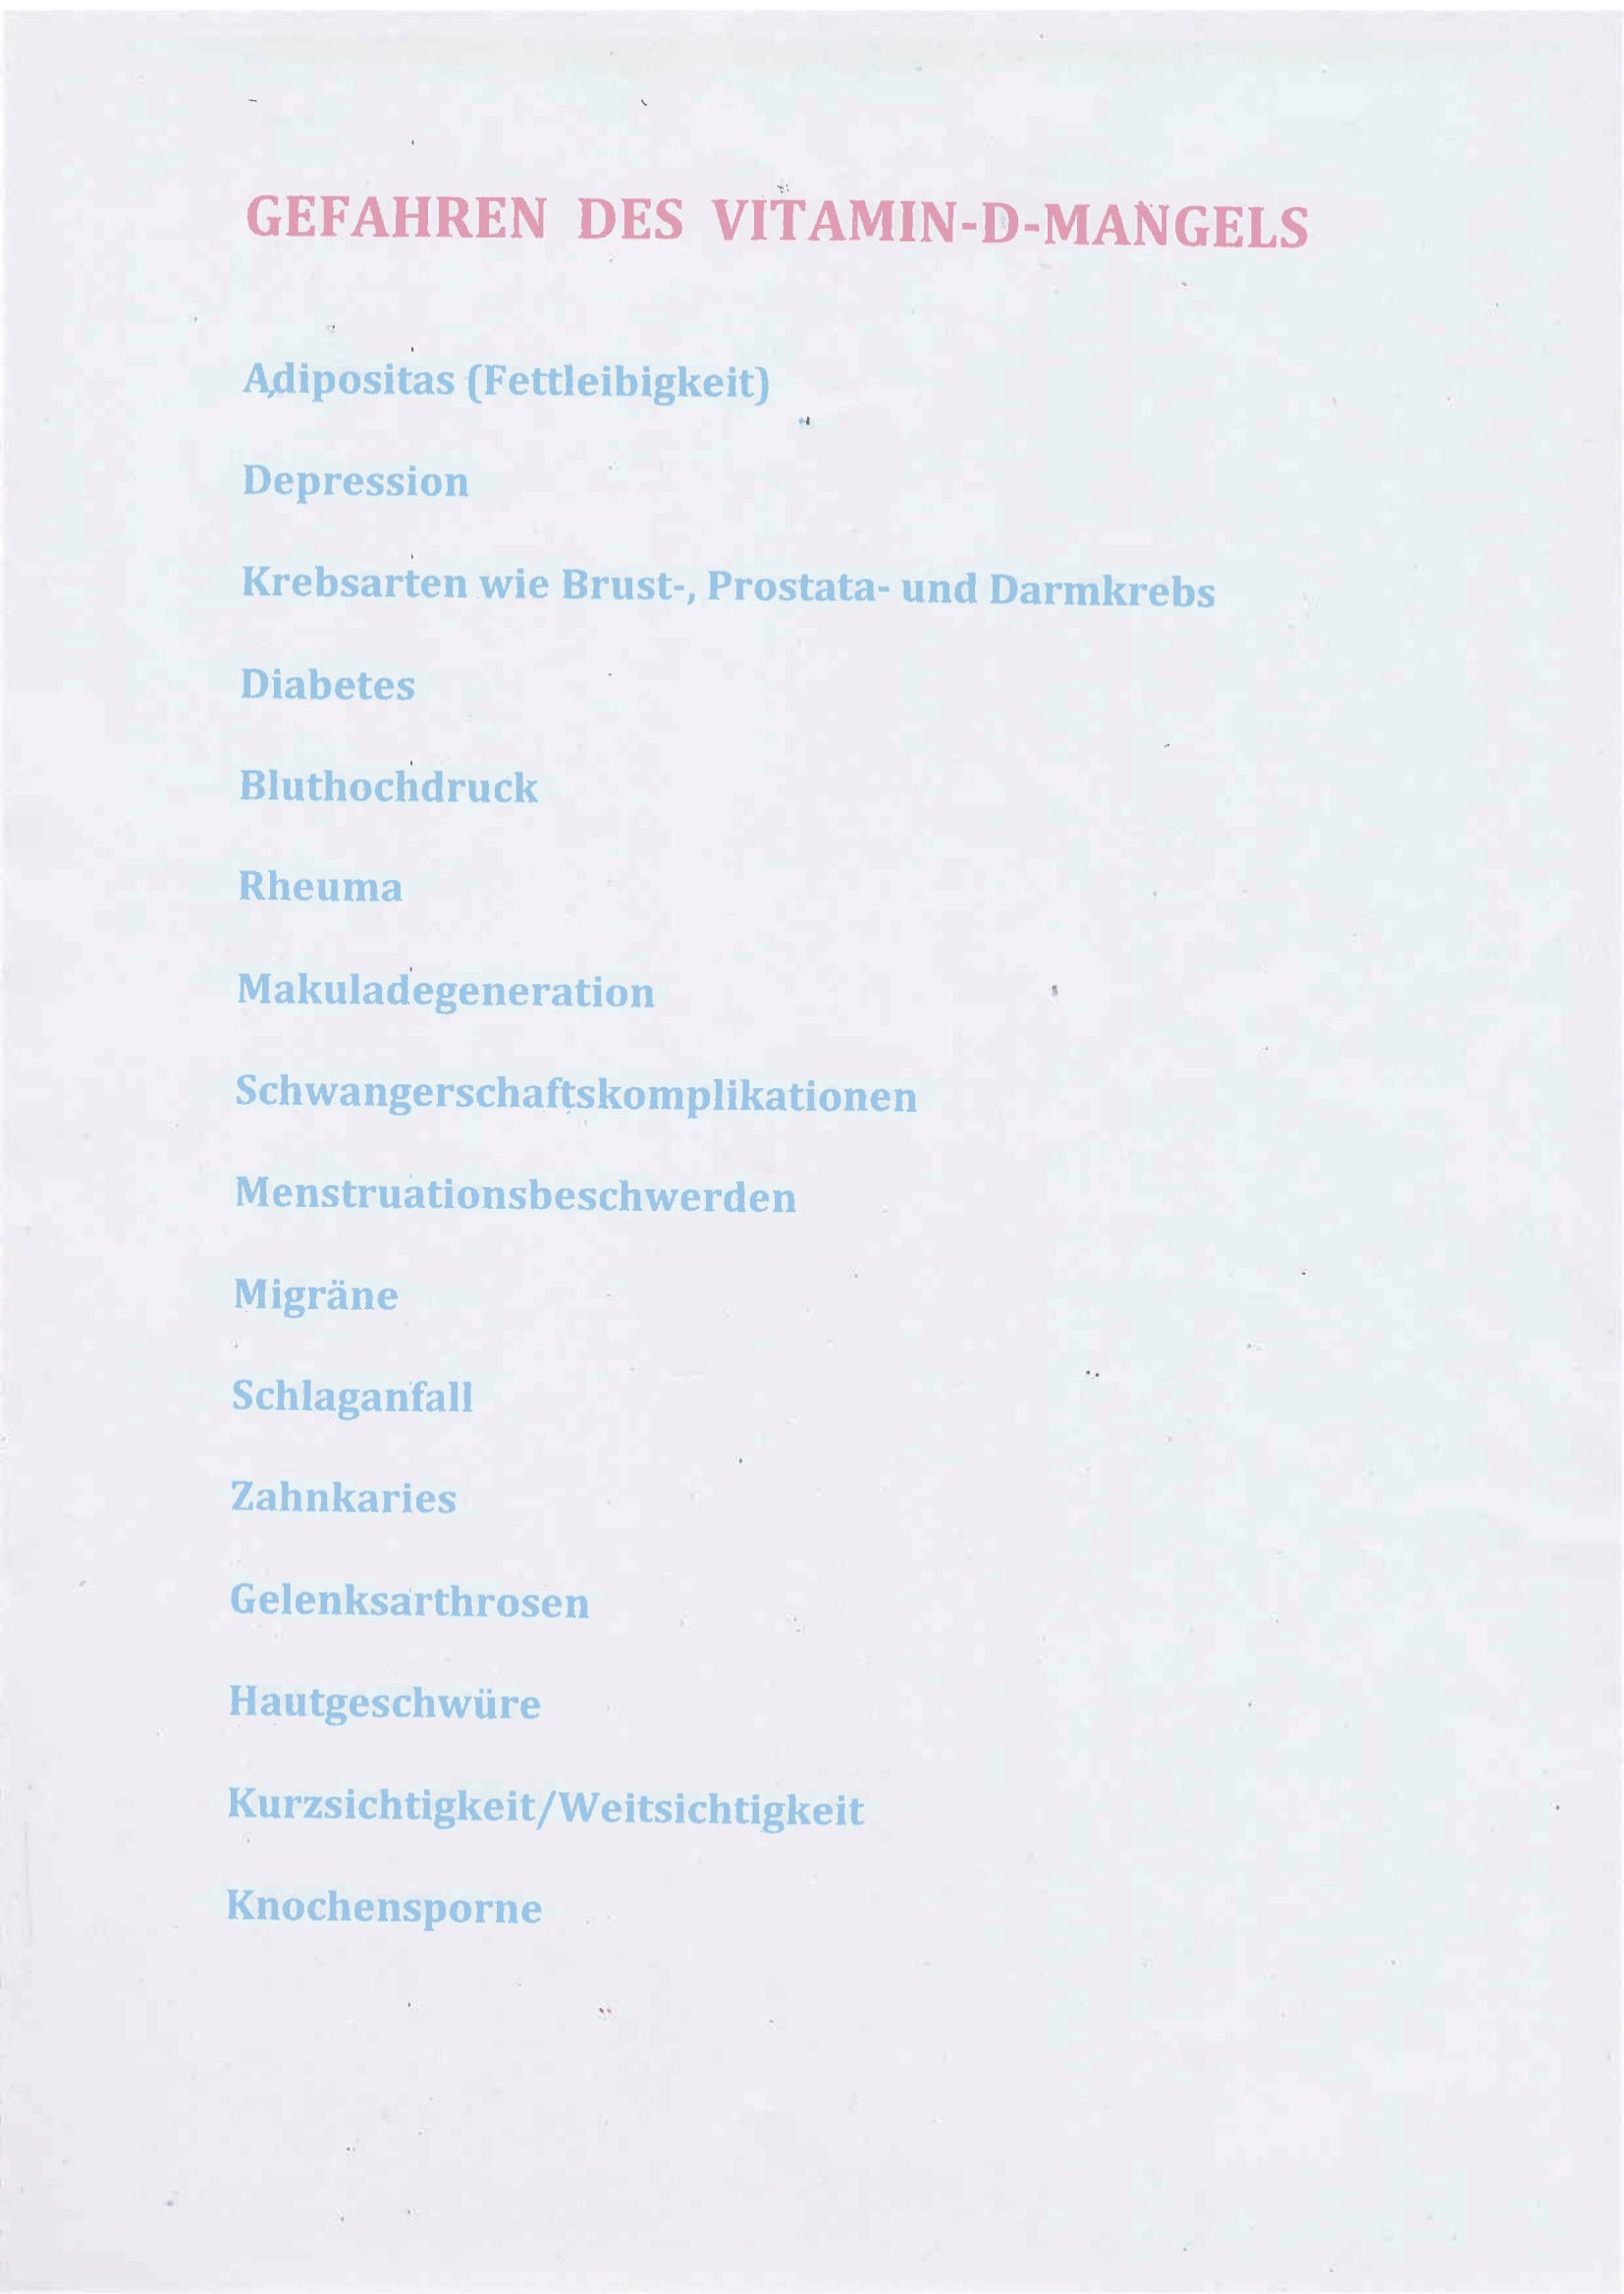 Gefahren des Vitamin-D-Mangels